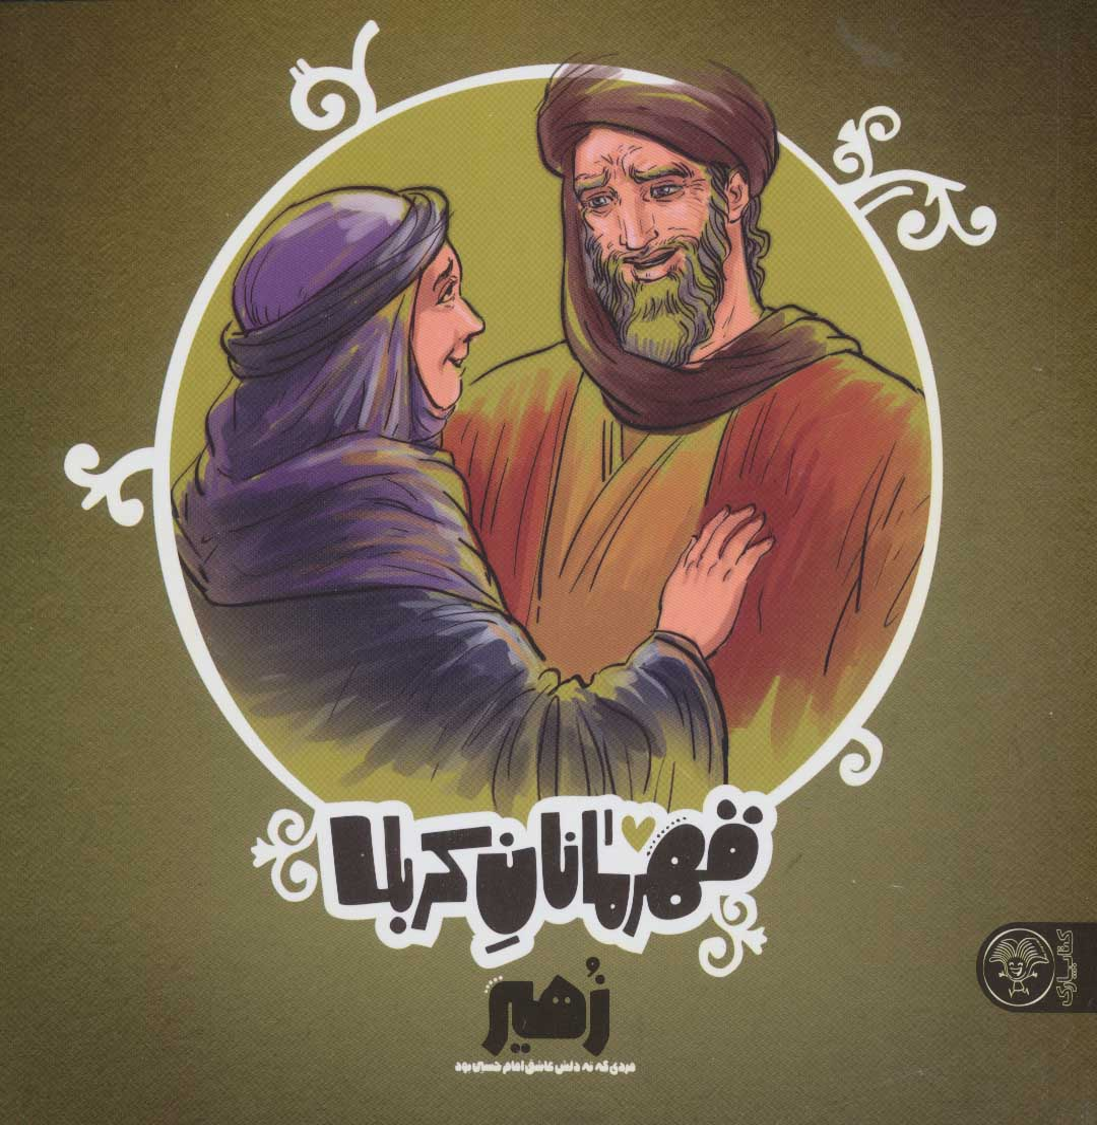 قهرمانان کربلا (زهیر:مردی که ته دلش عاشق امام حسین بود)